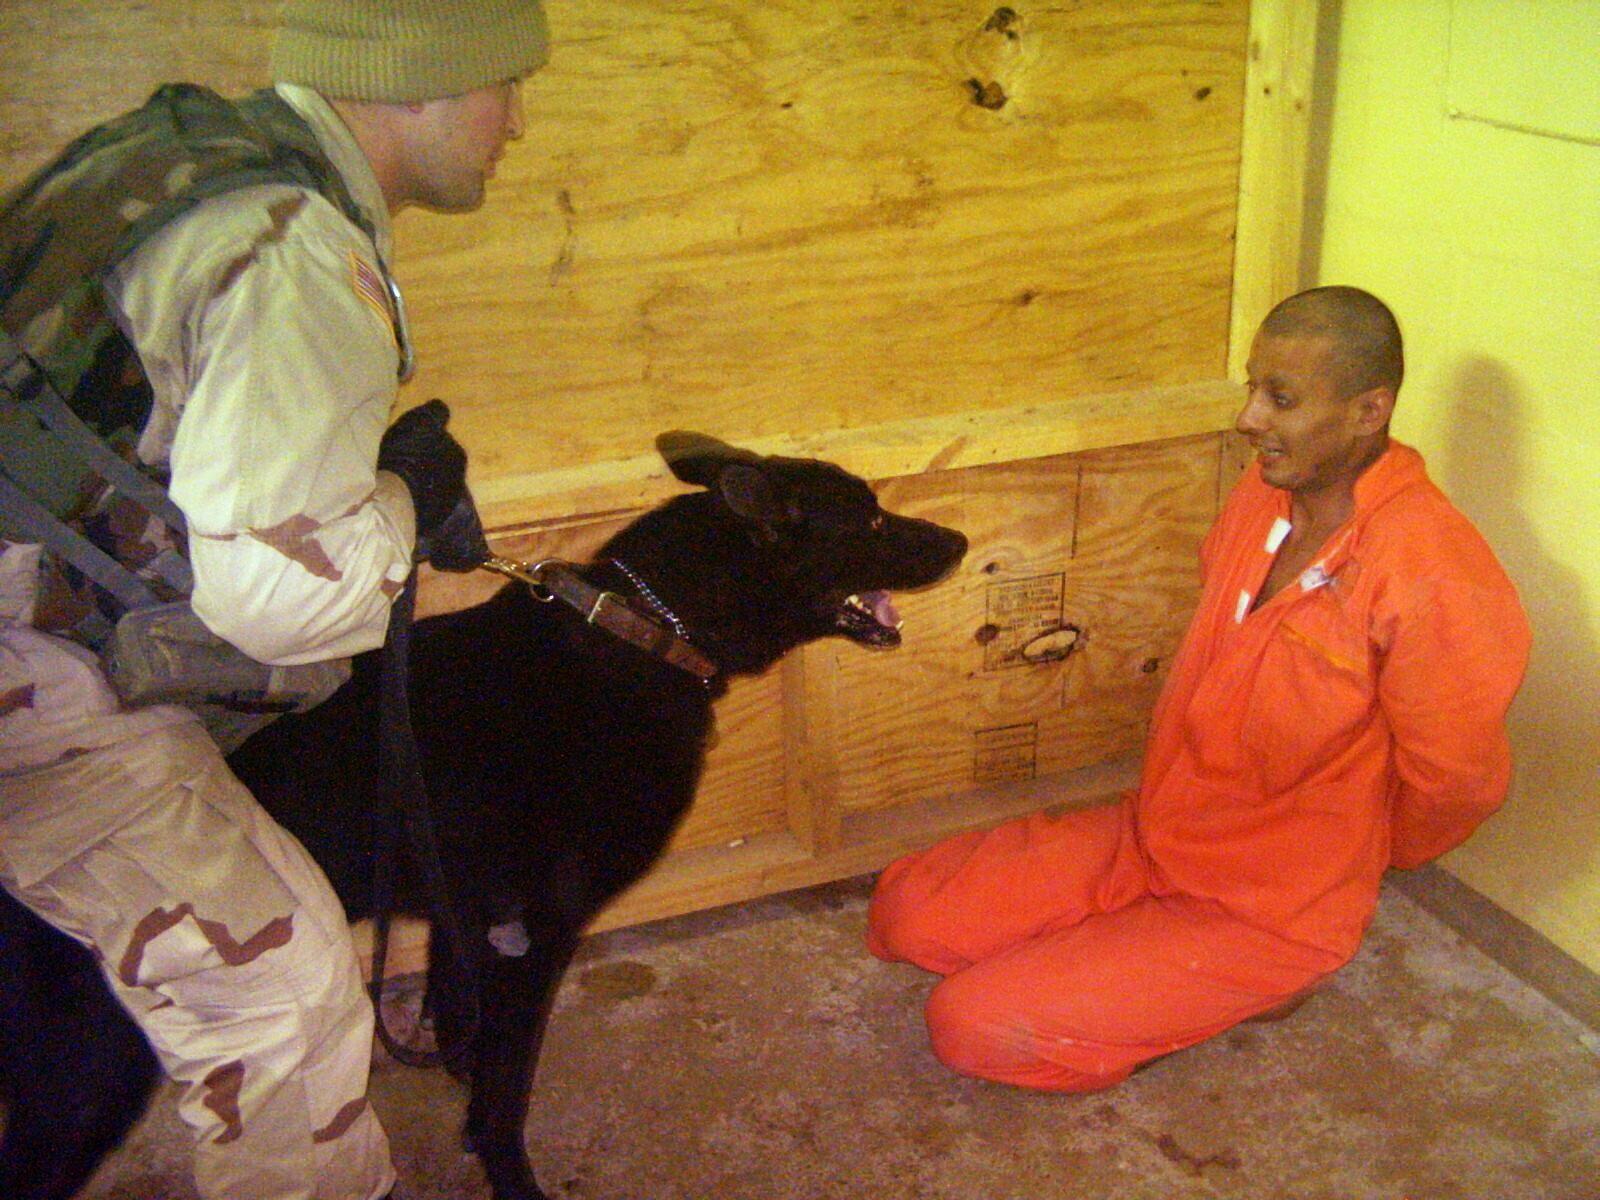 伊拉克阿布格莱布监狱前囚犯讲述悲惨经历